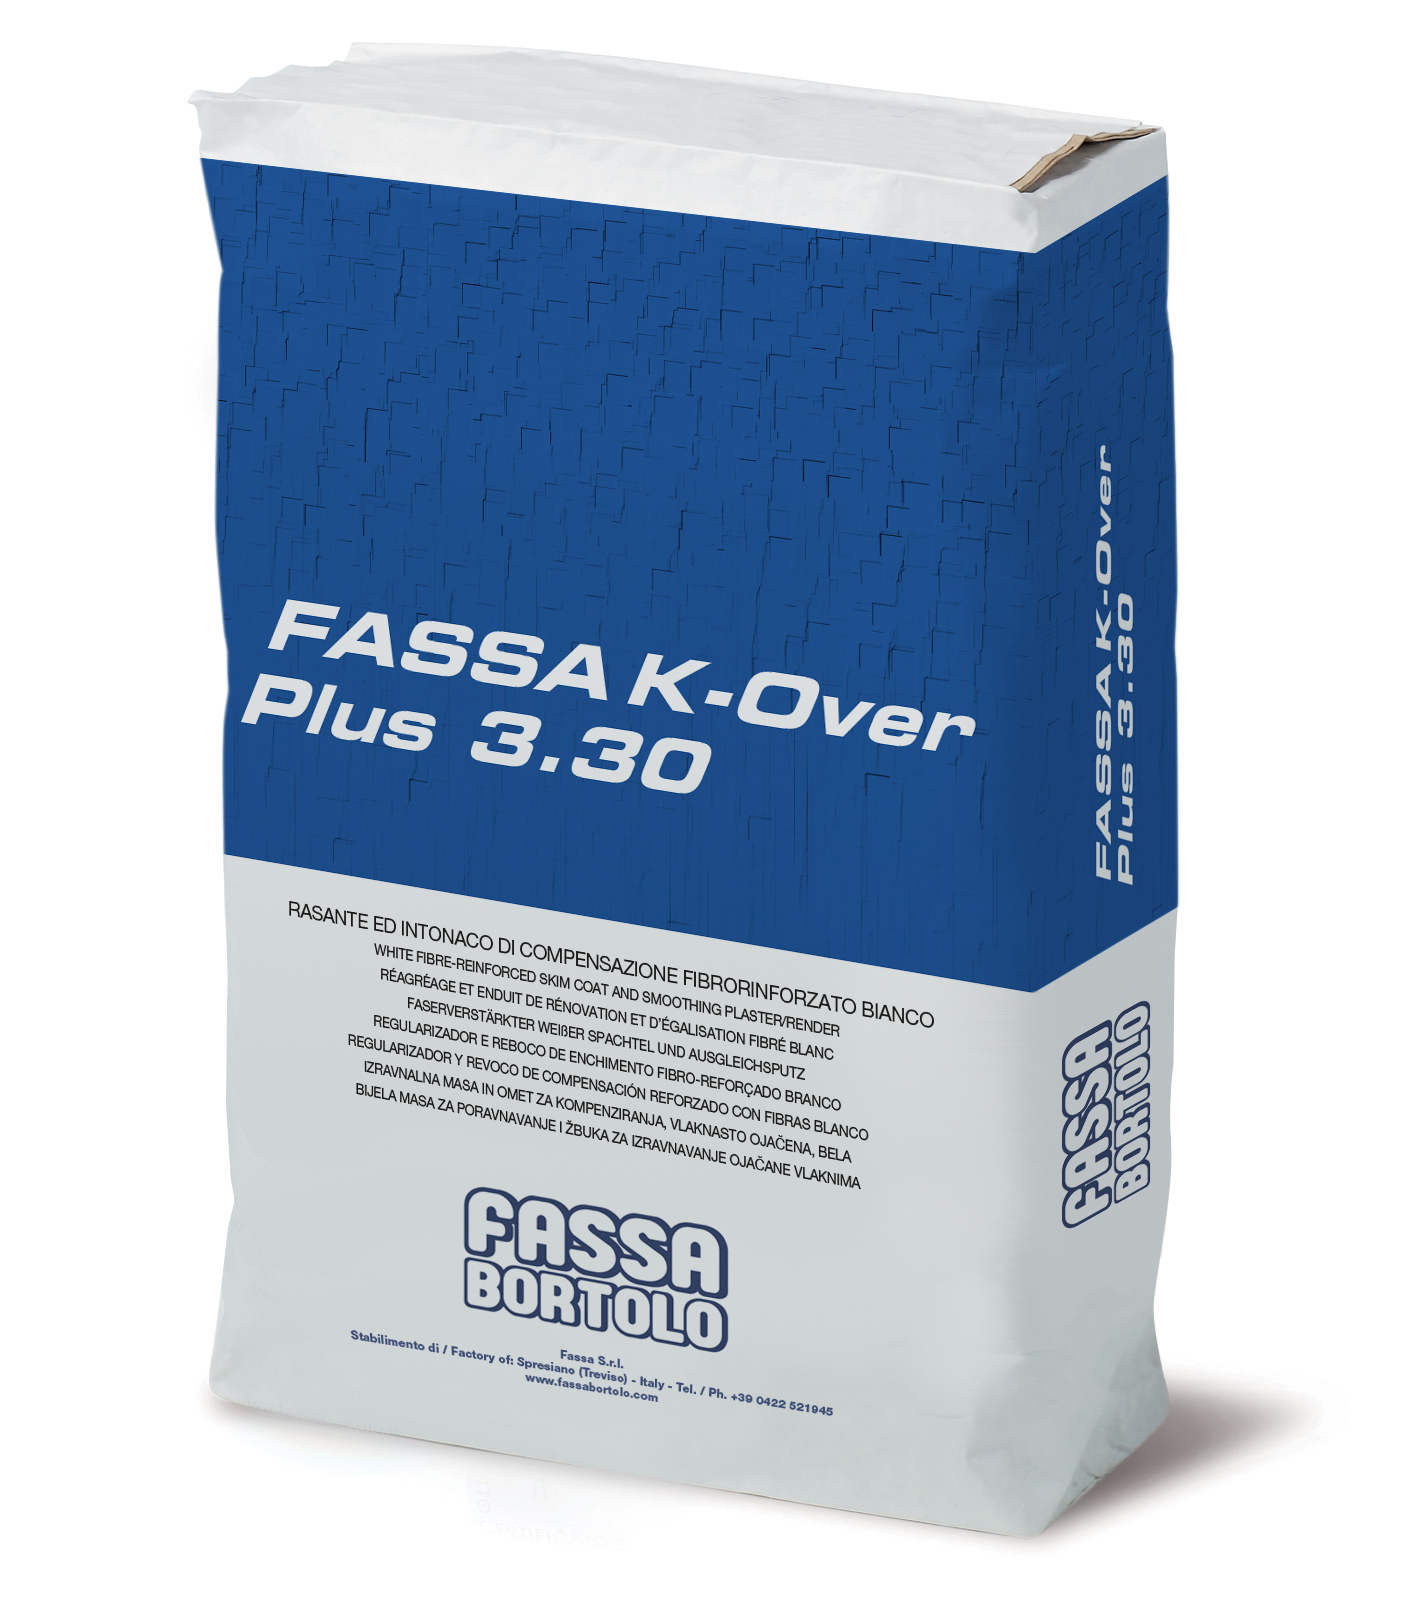 FASSA K-OVER PLUS 3.30: Faserverstärkter weißer Spachtel und Ausgleichsputz für Ausbesserungs- und Restaurierungsarbeiten an Innen- und Außenflächen